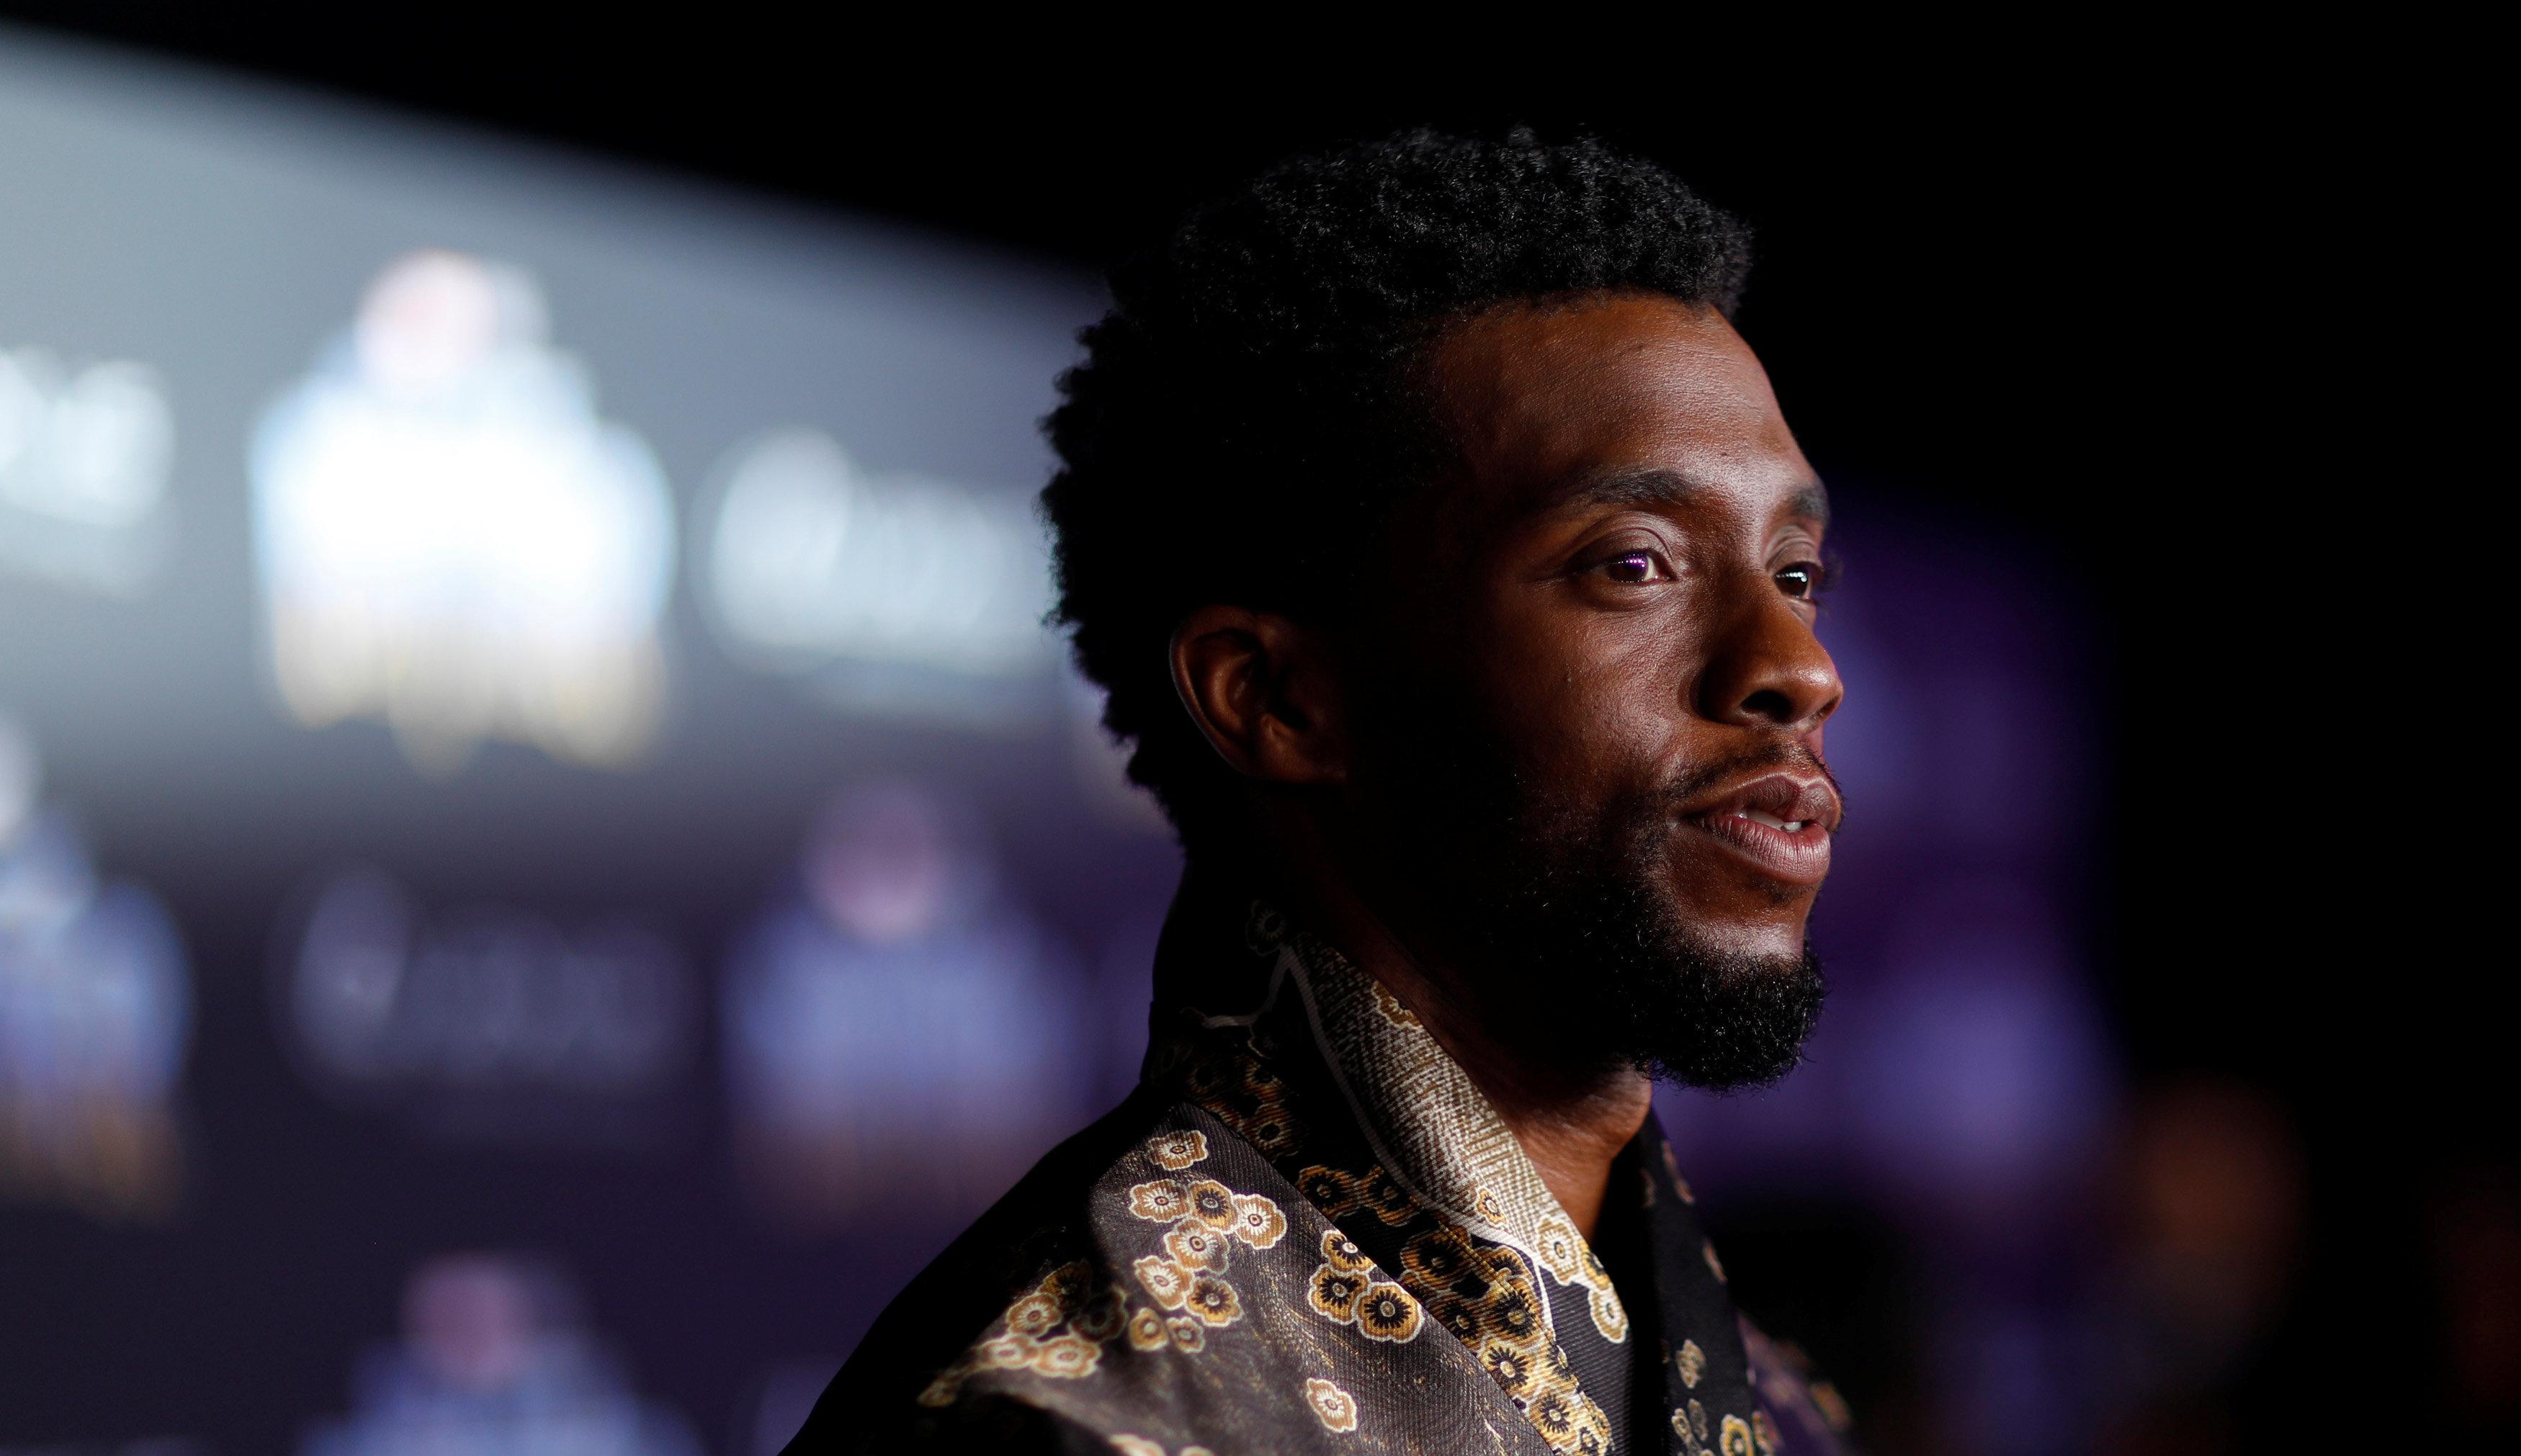 'Pantera Negra' atinge marca de US$ 1 bilhão em bilheteria no mundo